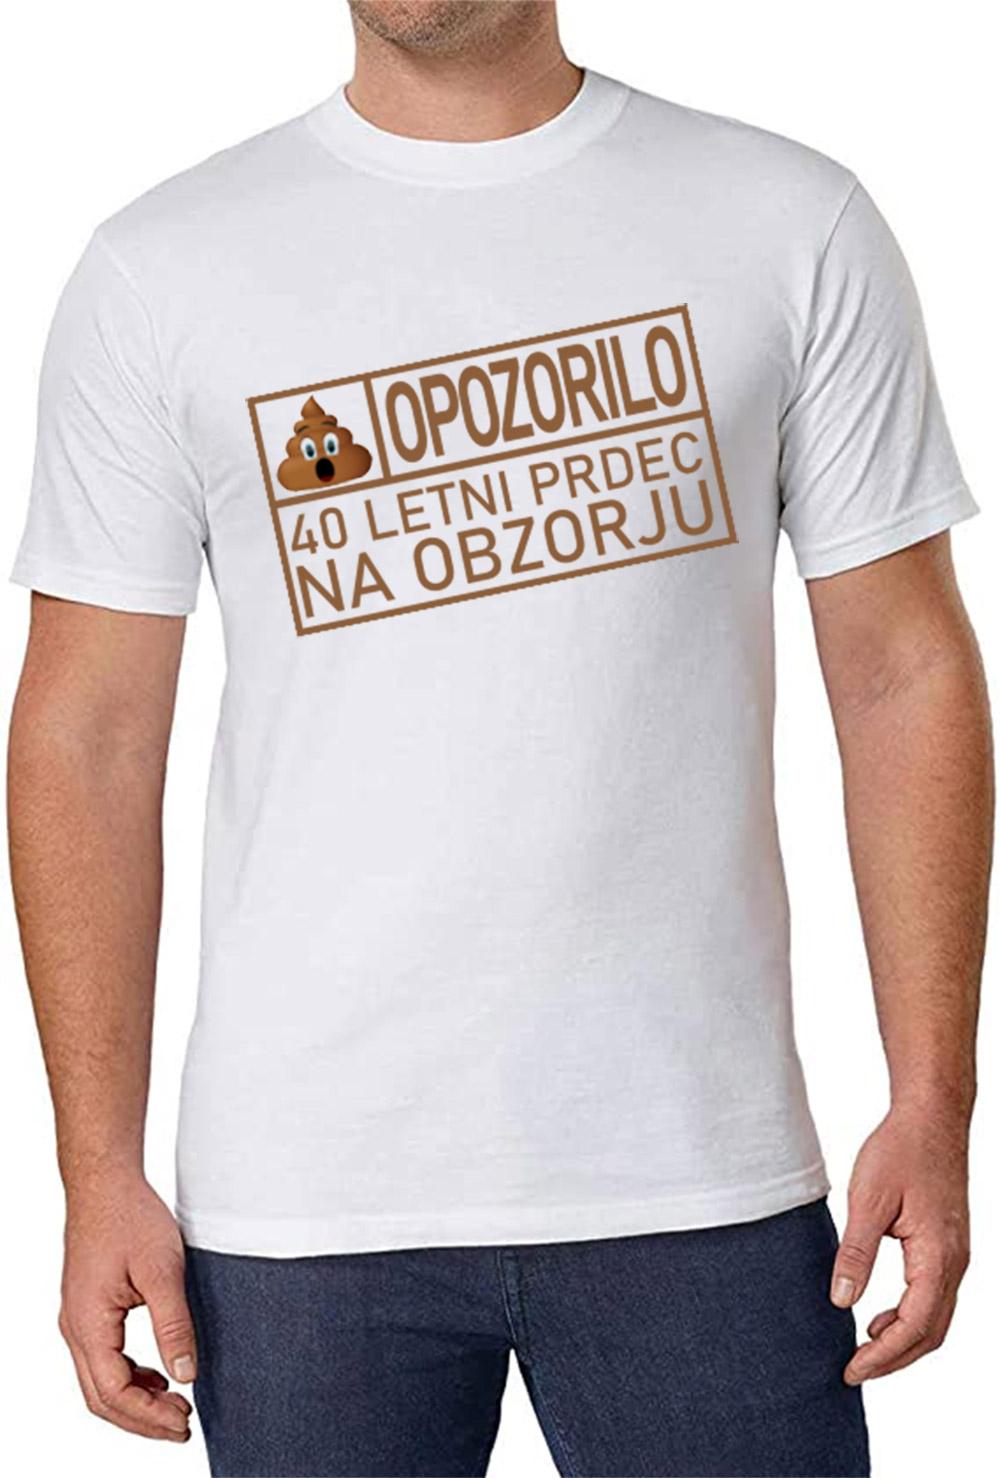 vizualno-oblikovanje-majica-40-letni-prdec